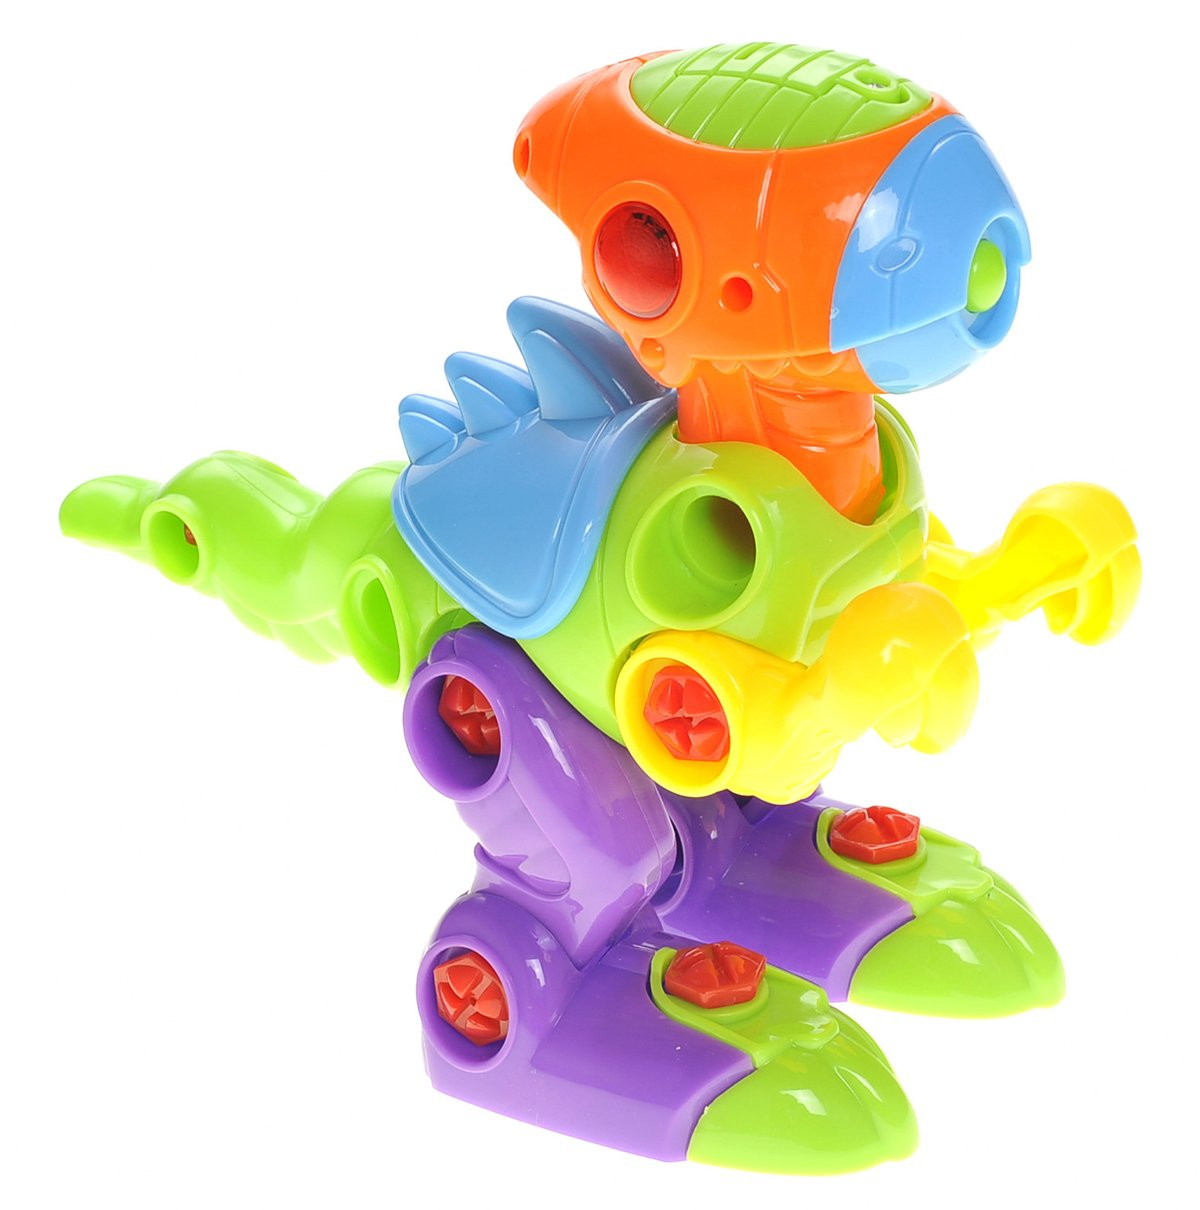 CHIMAERA Kids Brain Activity Interchangeable Tyrannosaurus Dinosaur Toy Playset